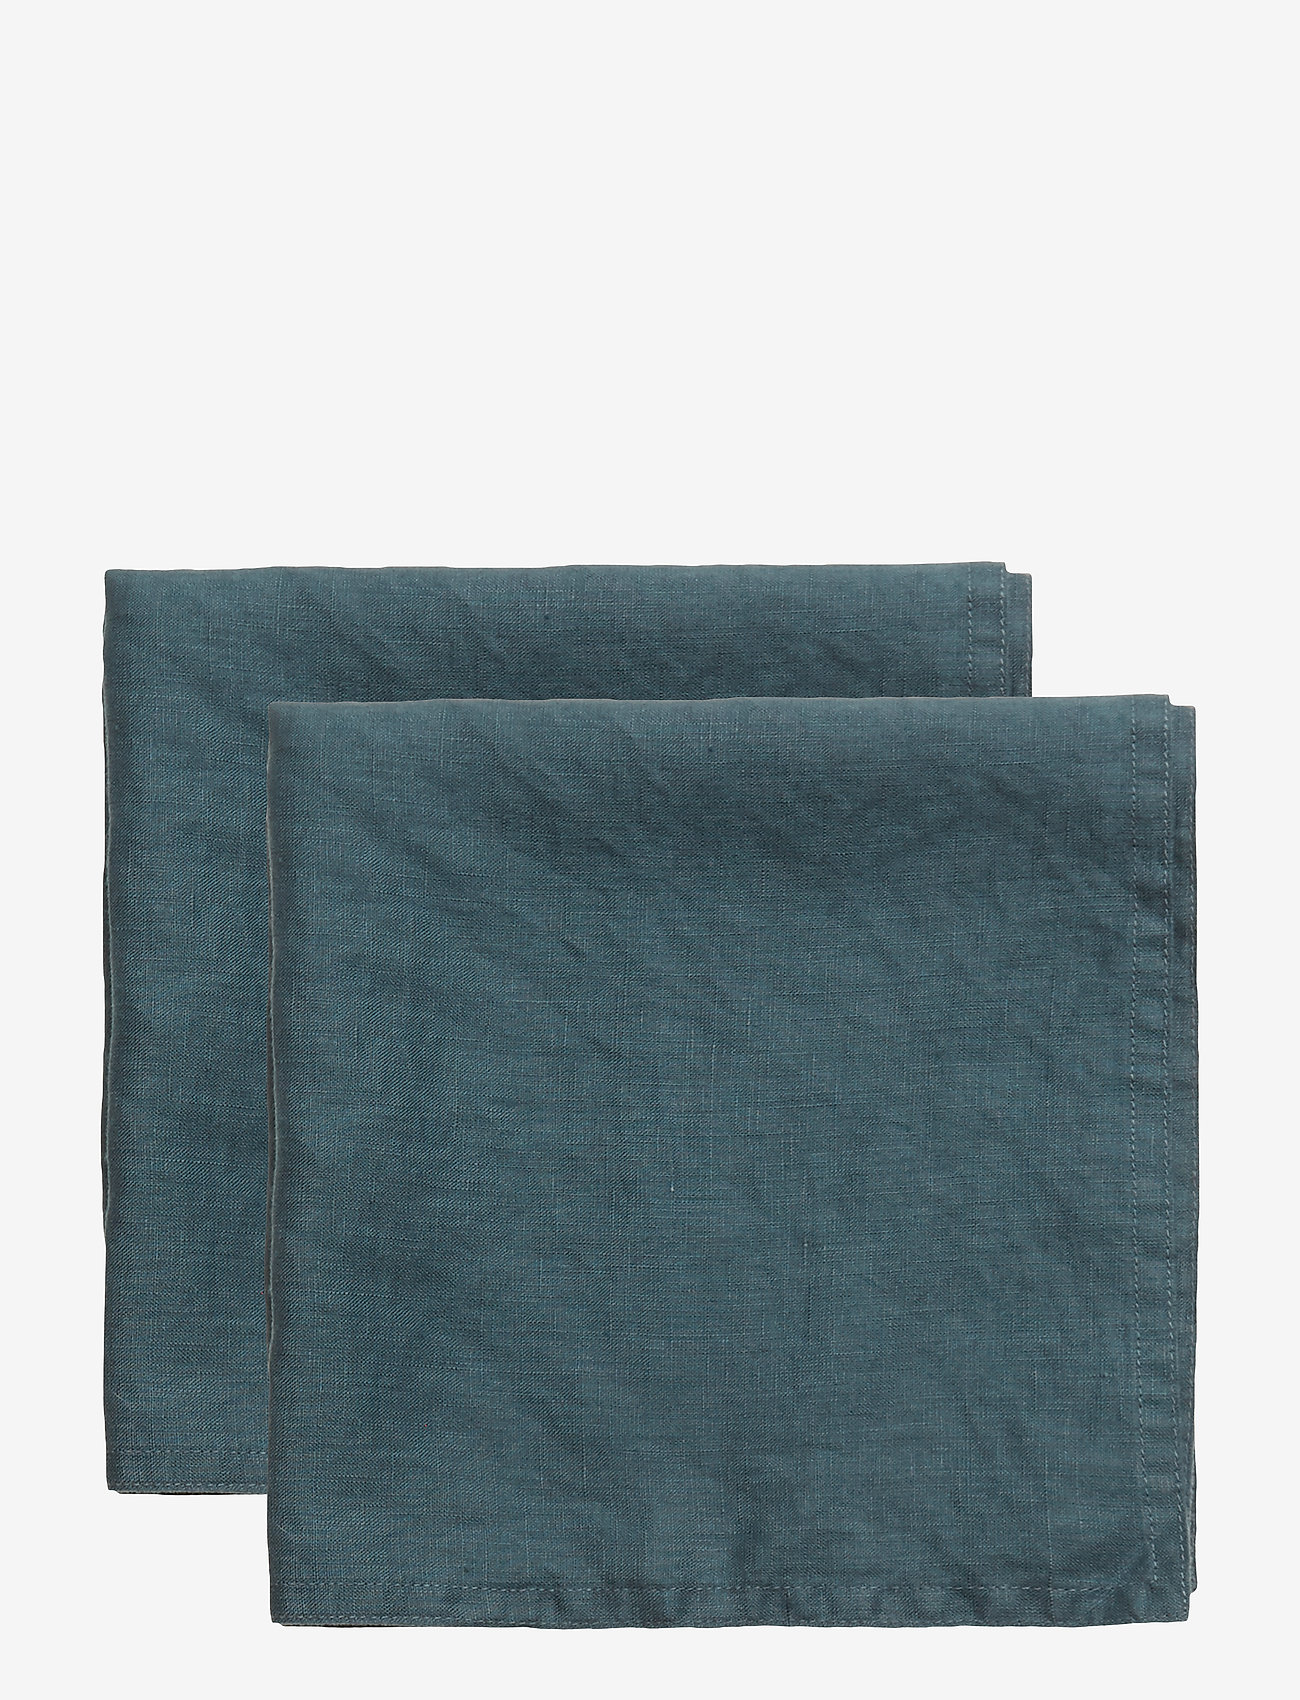 Gripsholm - NAPKIN WASHED LINEN - napkins - dark petrol - 1